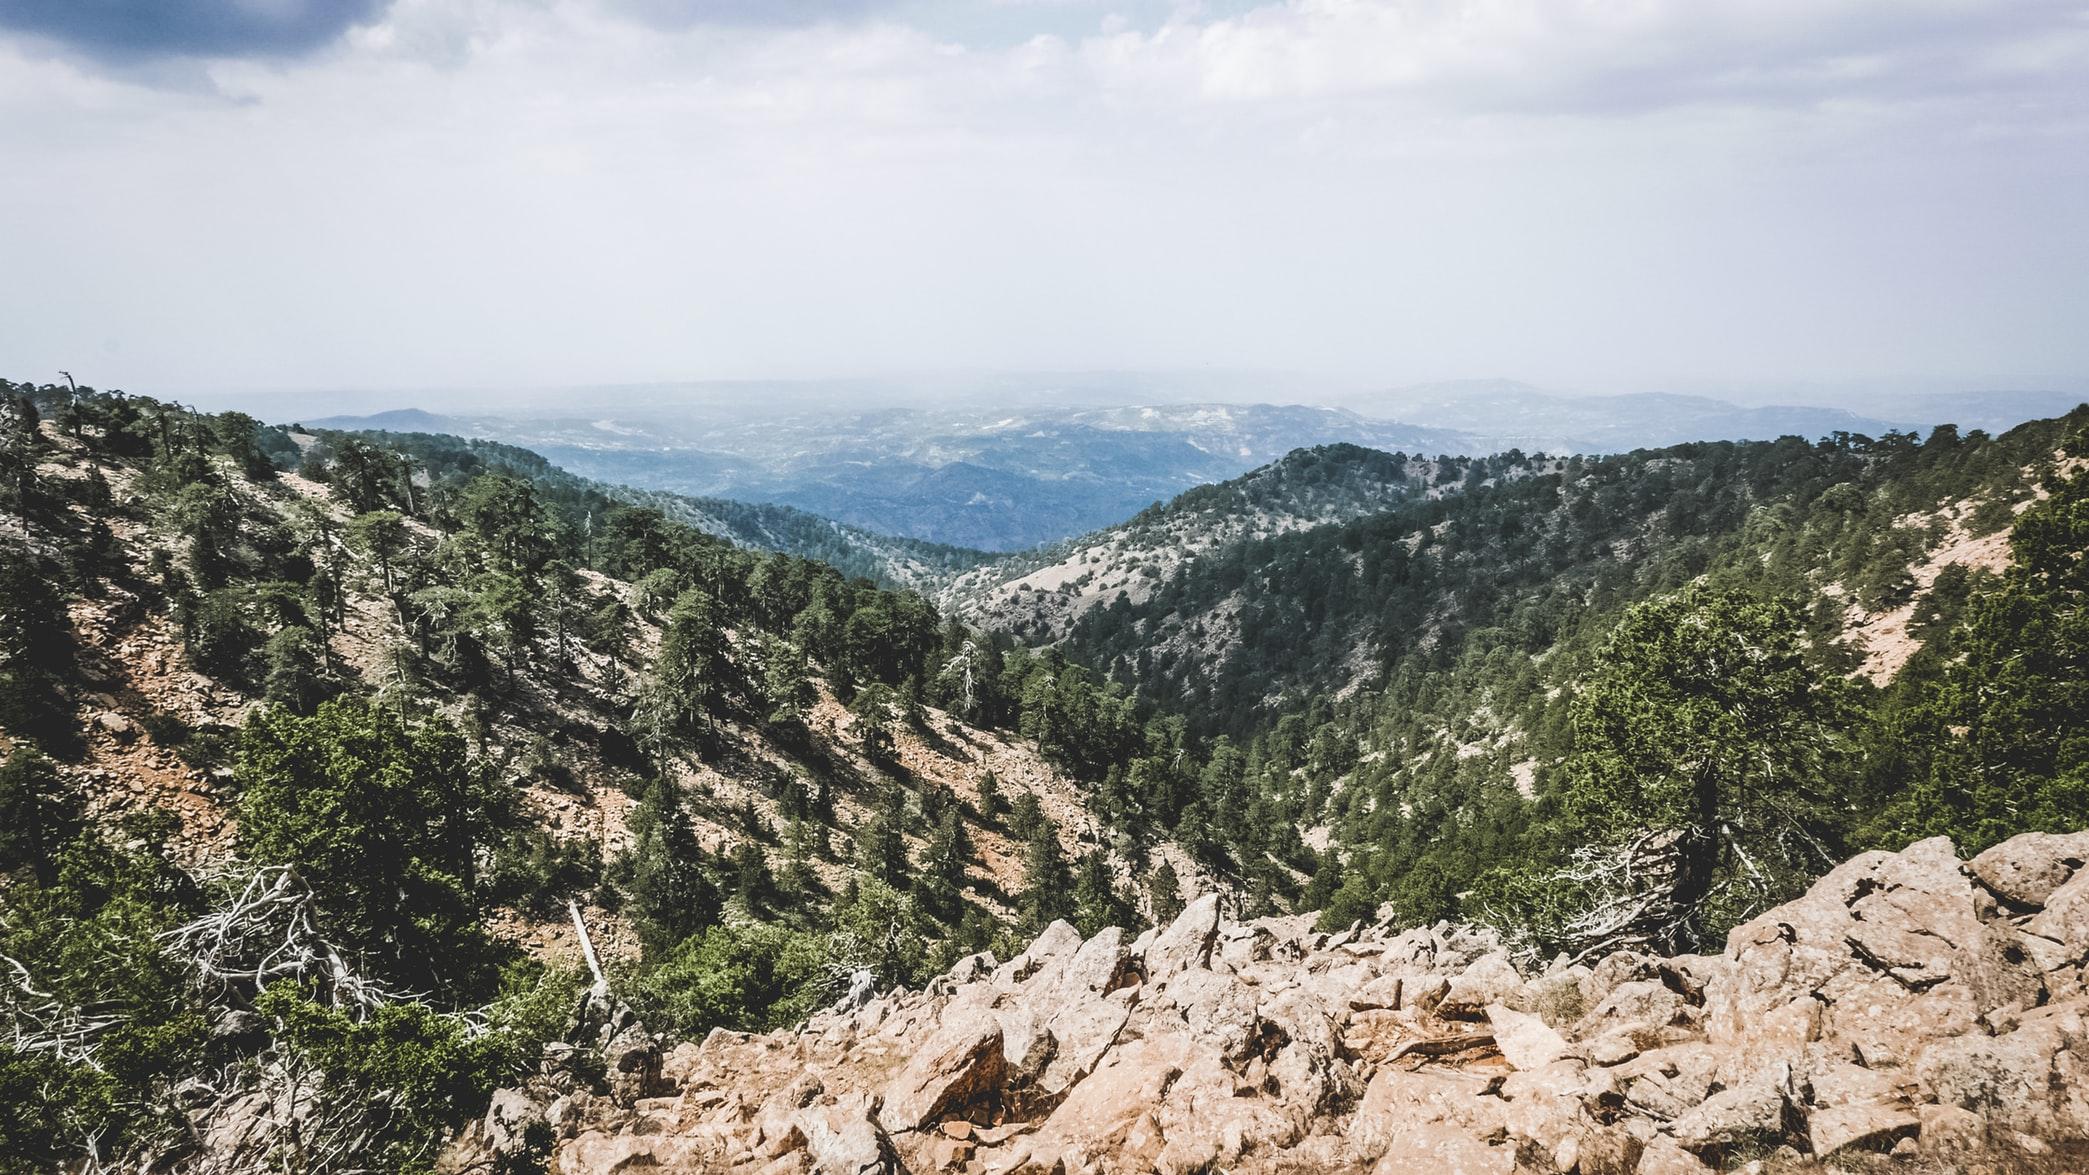 Zypern - die Insel bietet auch anspruchsvolle Bergtouren